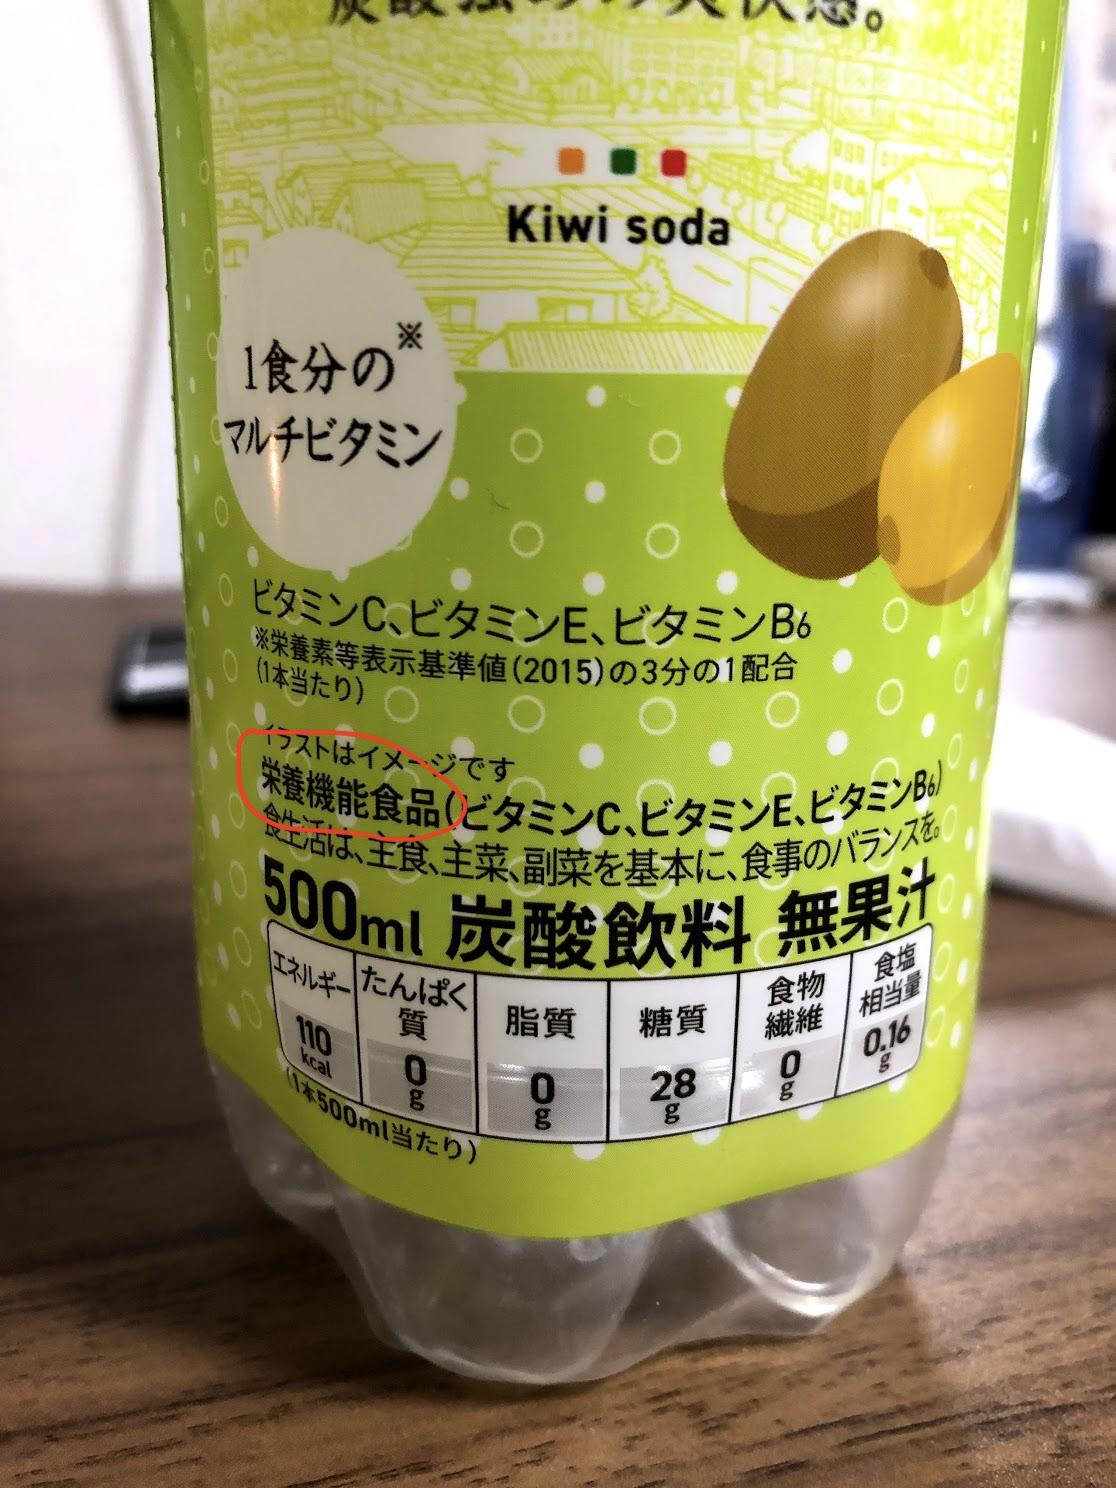 キウイサイダー 栄養機能食品